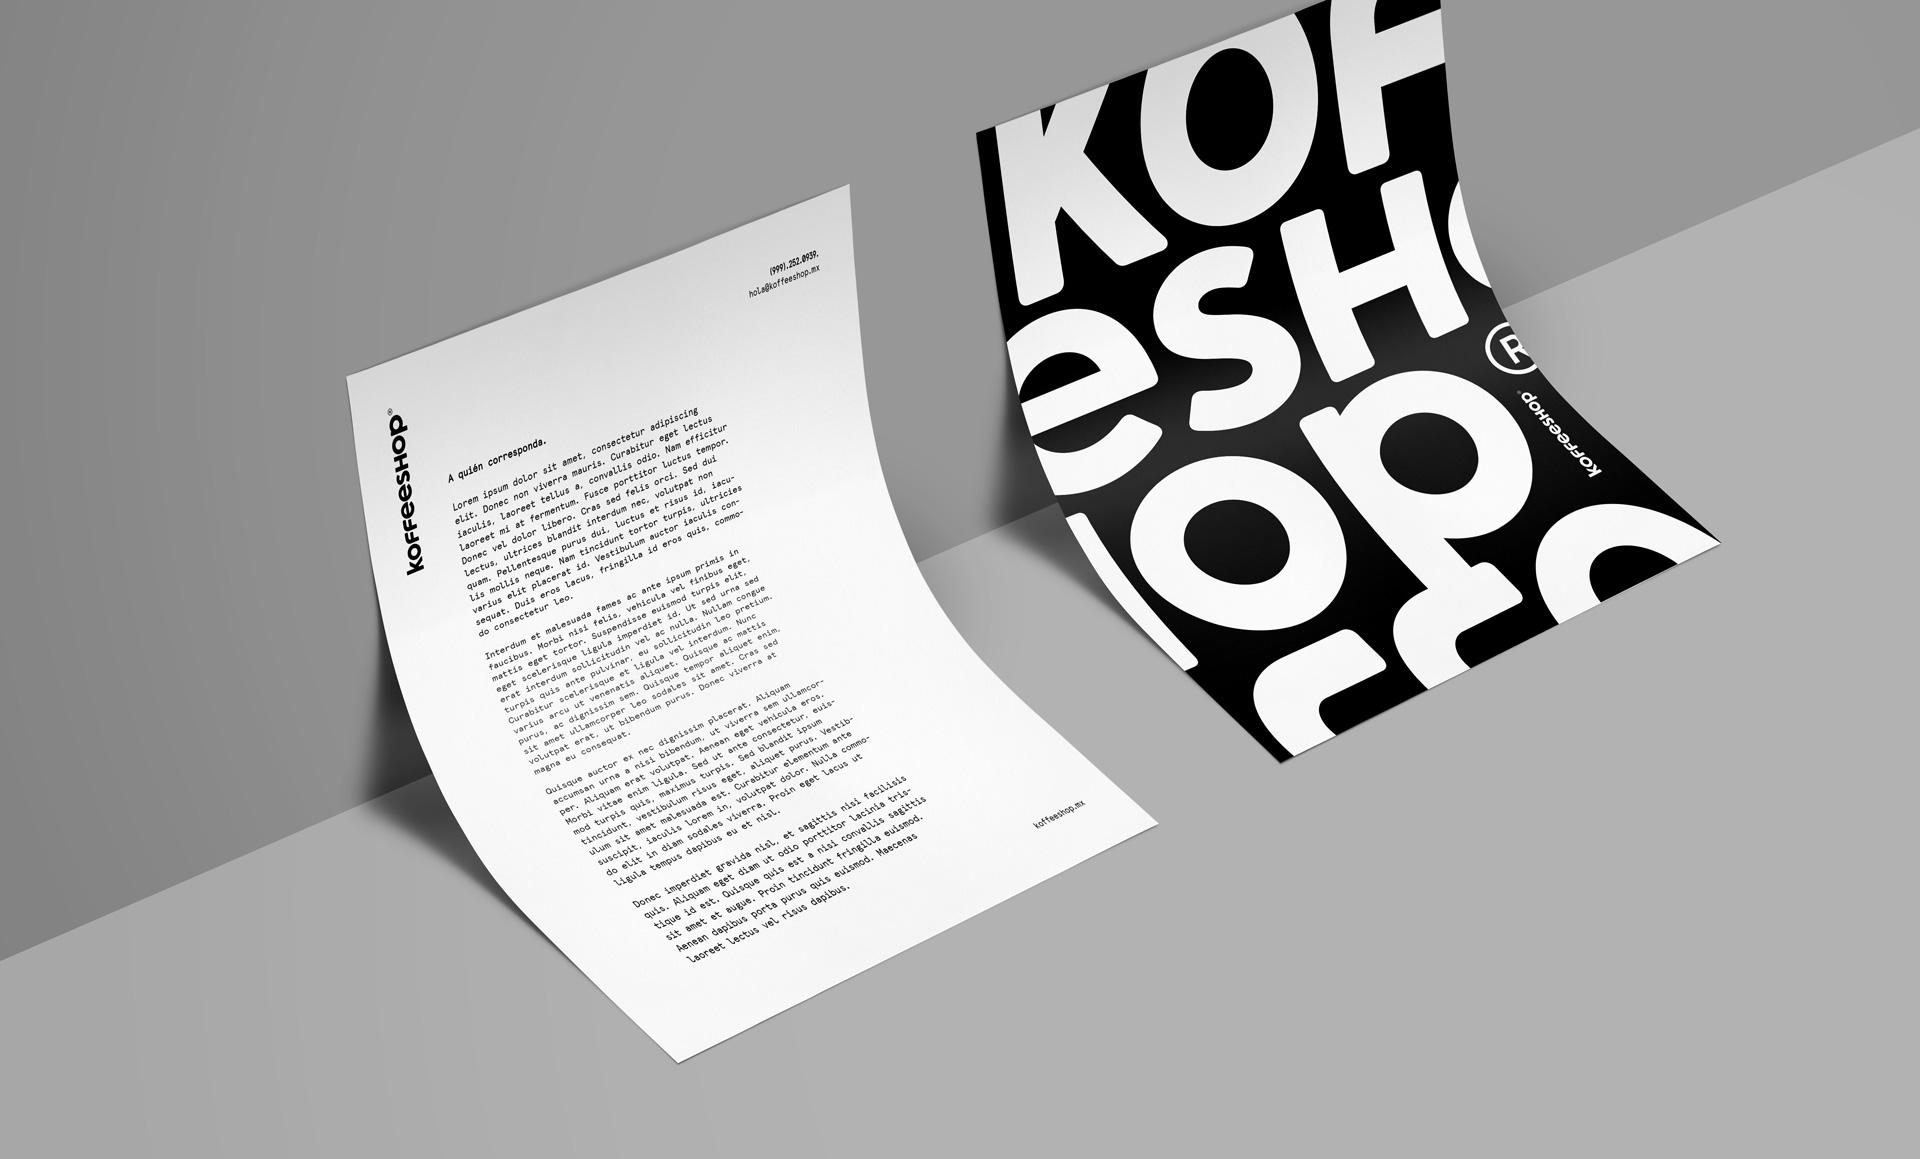 Koffeeshop_Aplicaciones_Hoja-membretada copy.jpg